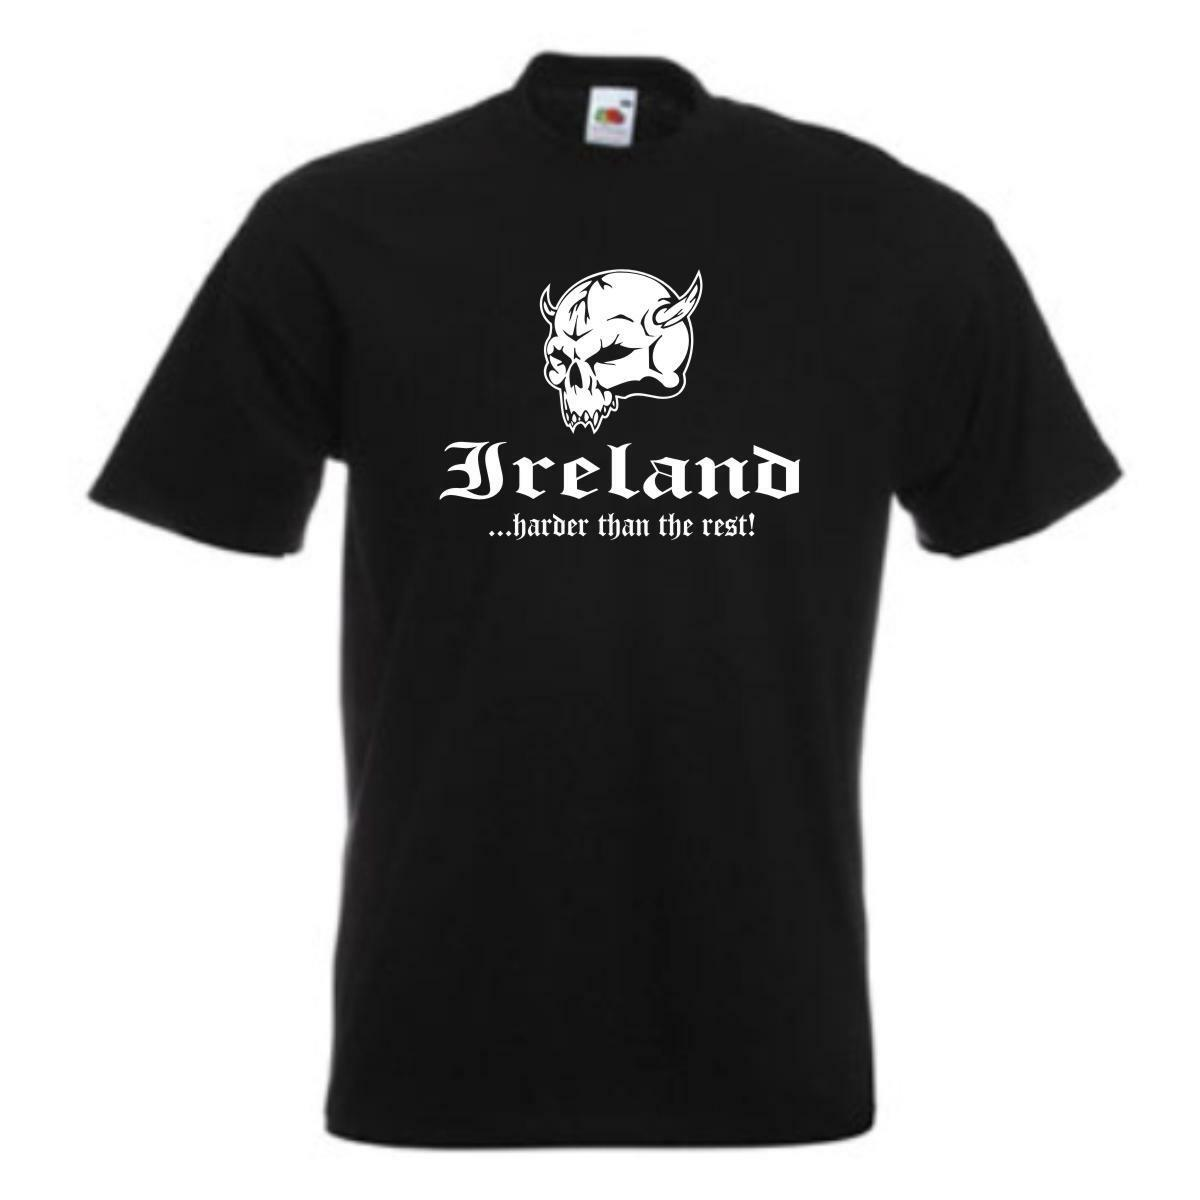 T-Shirt IRLAND harder than the rest rest rest Ländershirt, Übergrößen (WMS05-27a) | Authentisch  | Nicht so teuer  adc096